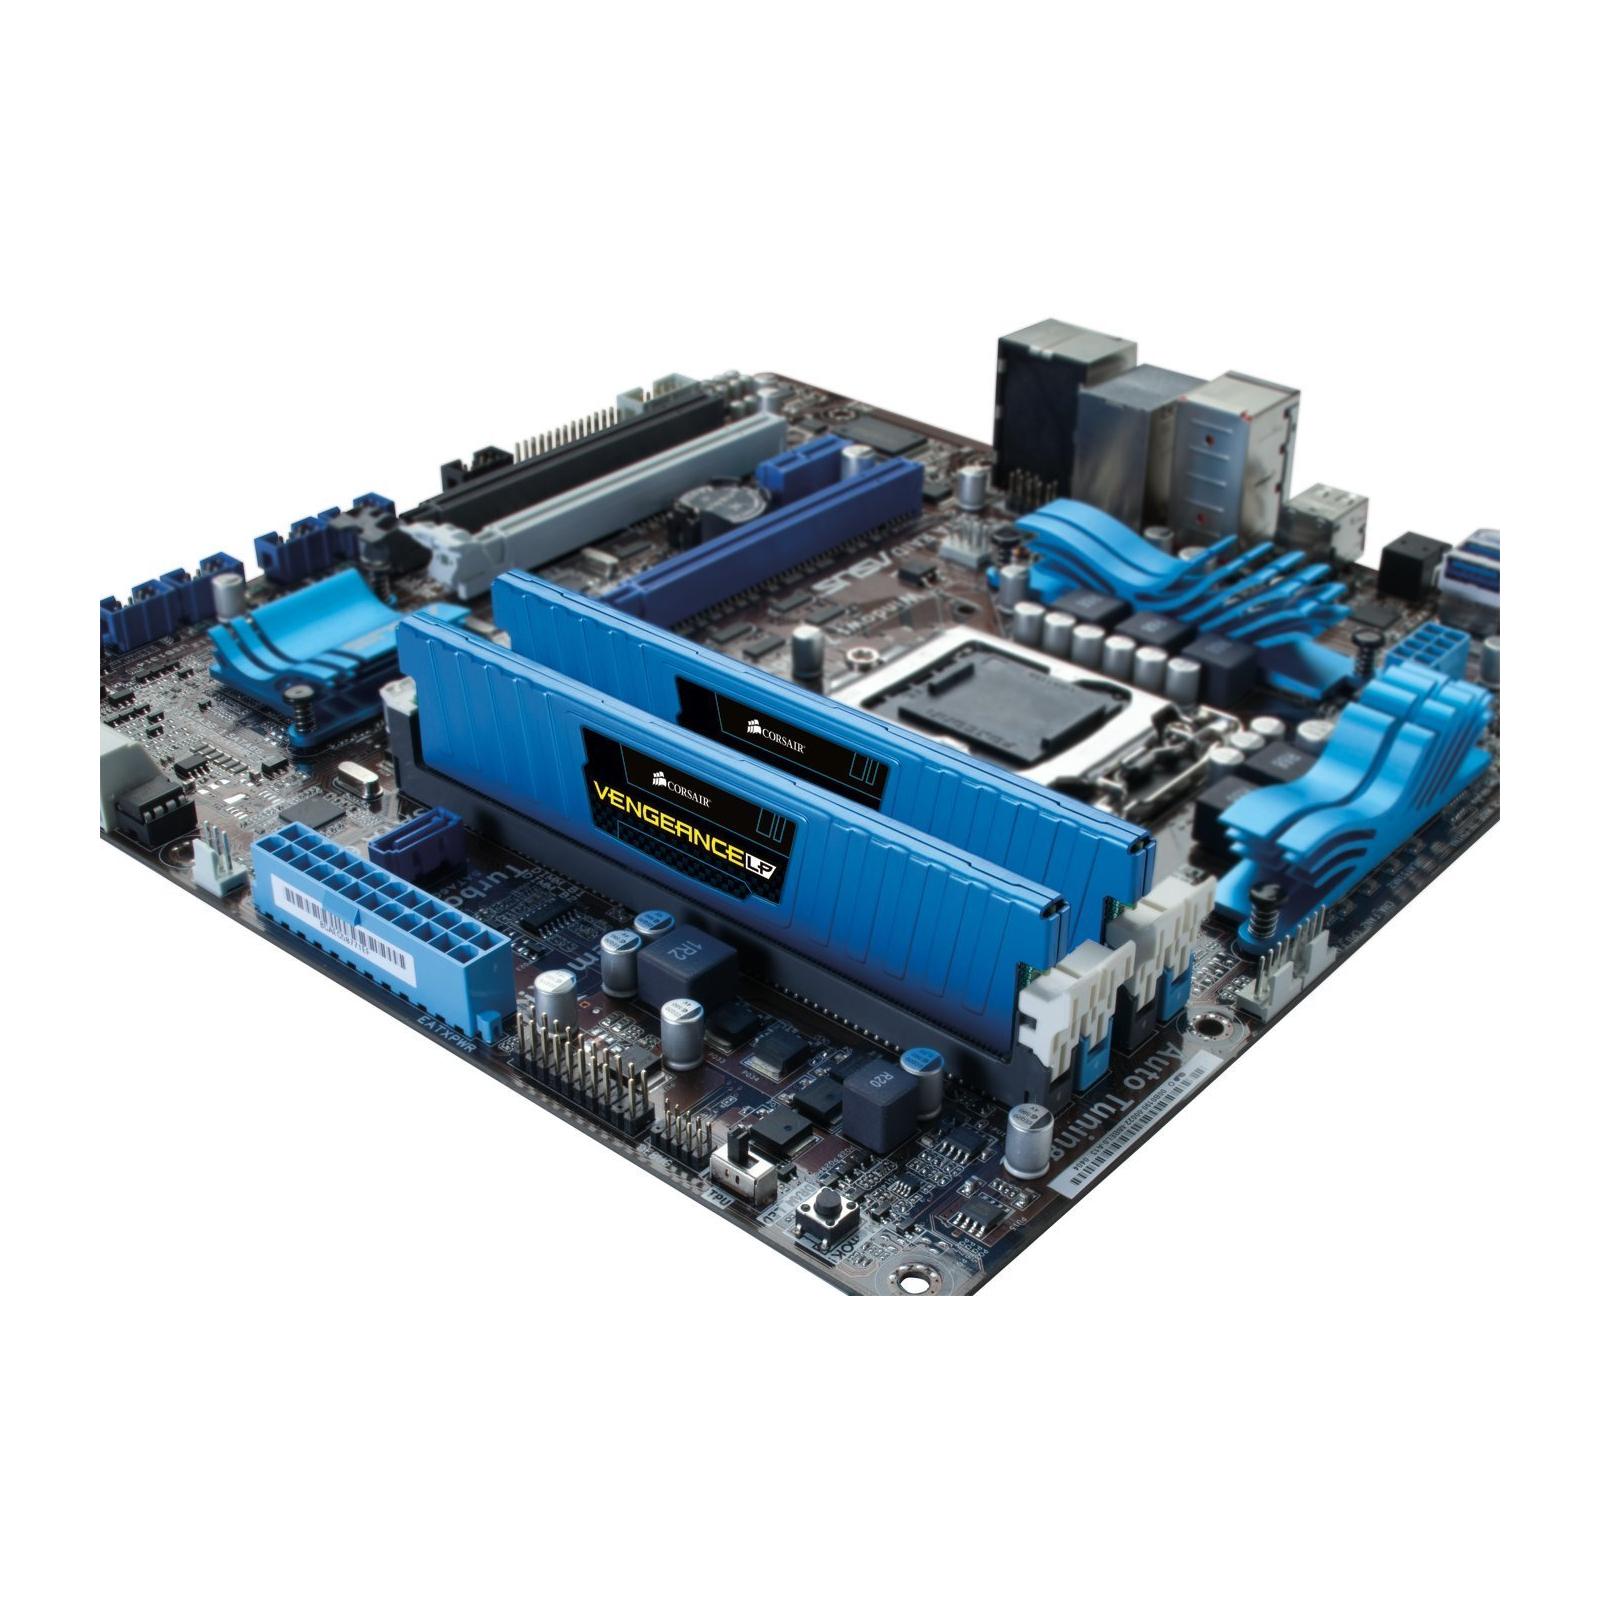 Модуль памяти для компьютера DDR3 16GB (2x8GB) 1600 MHz CORSAIR (CML16GX3M2A1600C10B) изображение 2